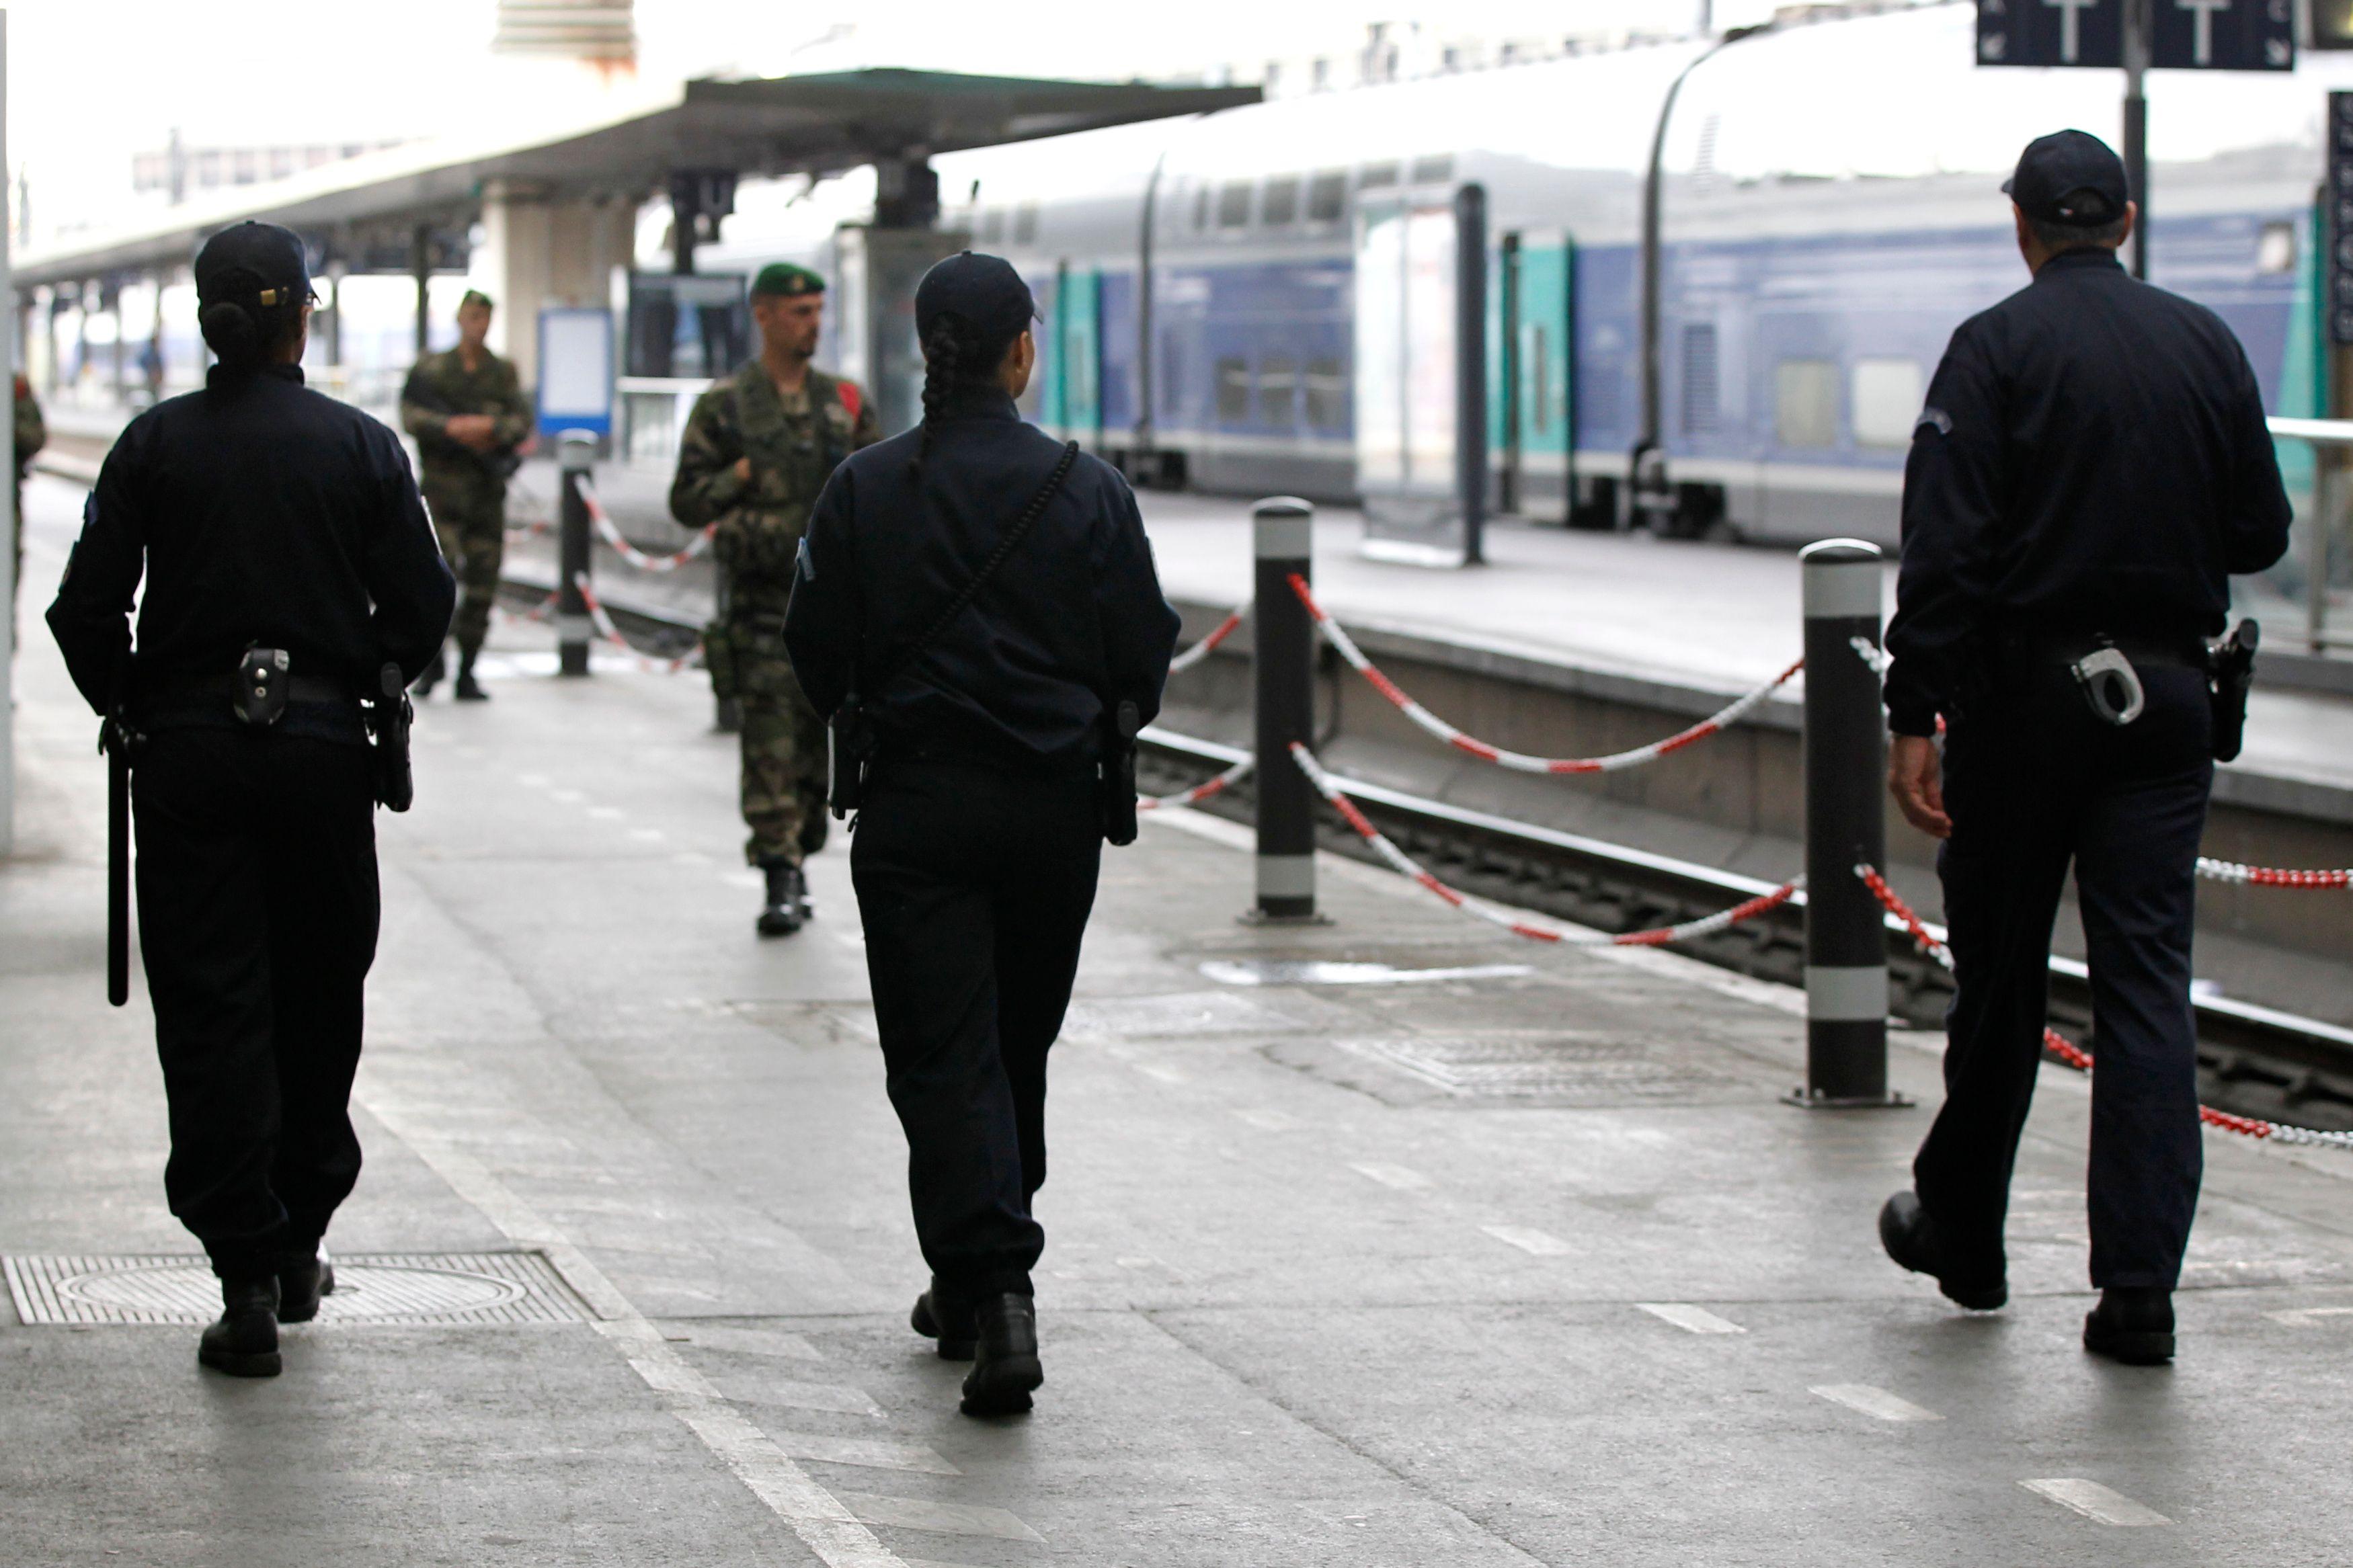 Contrôles de police au faciès : la Cour de cassation condamne définitivement l'État